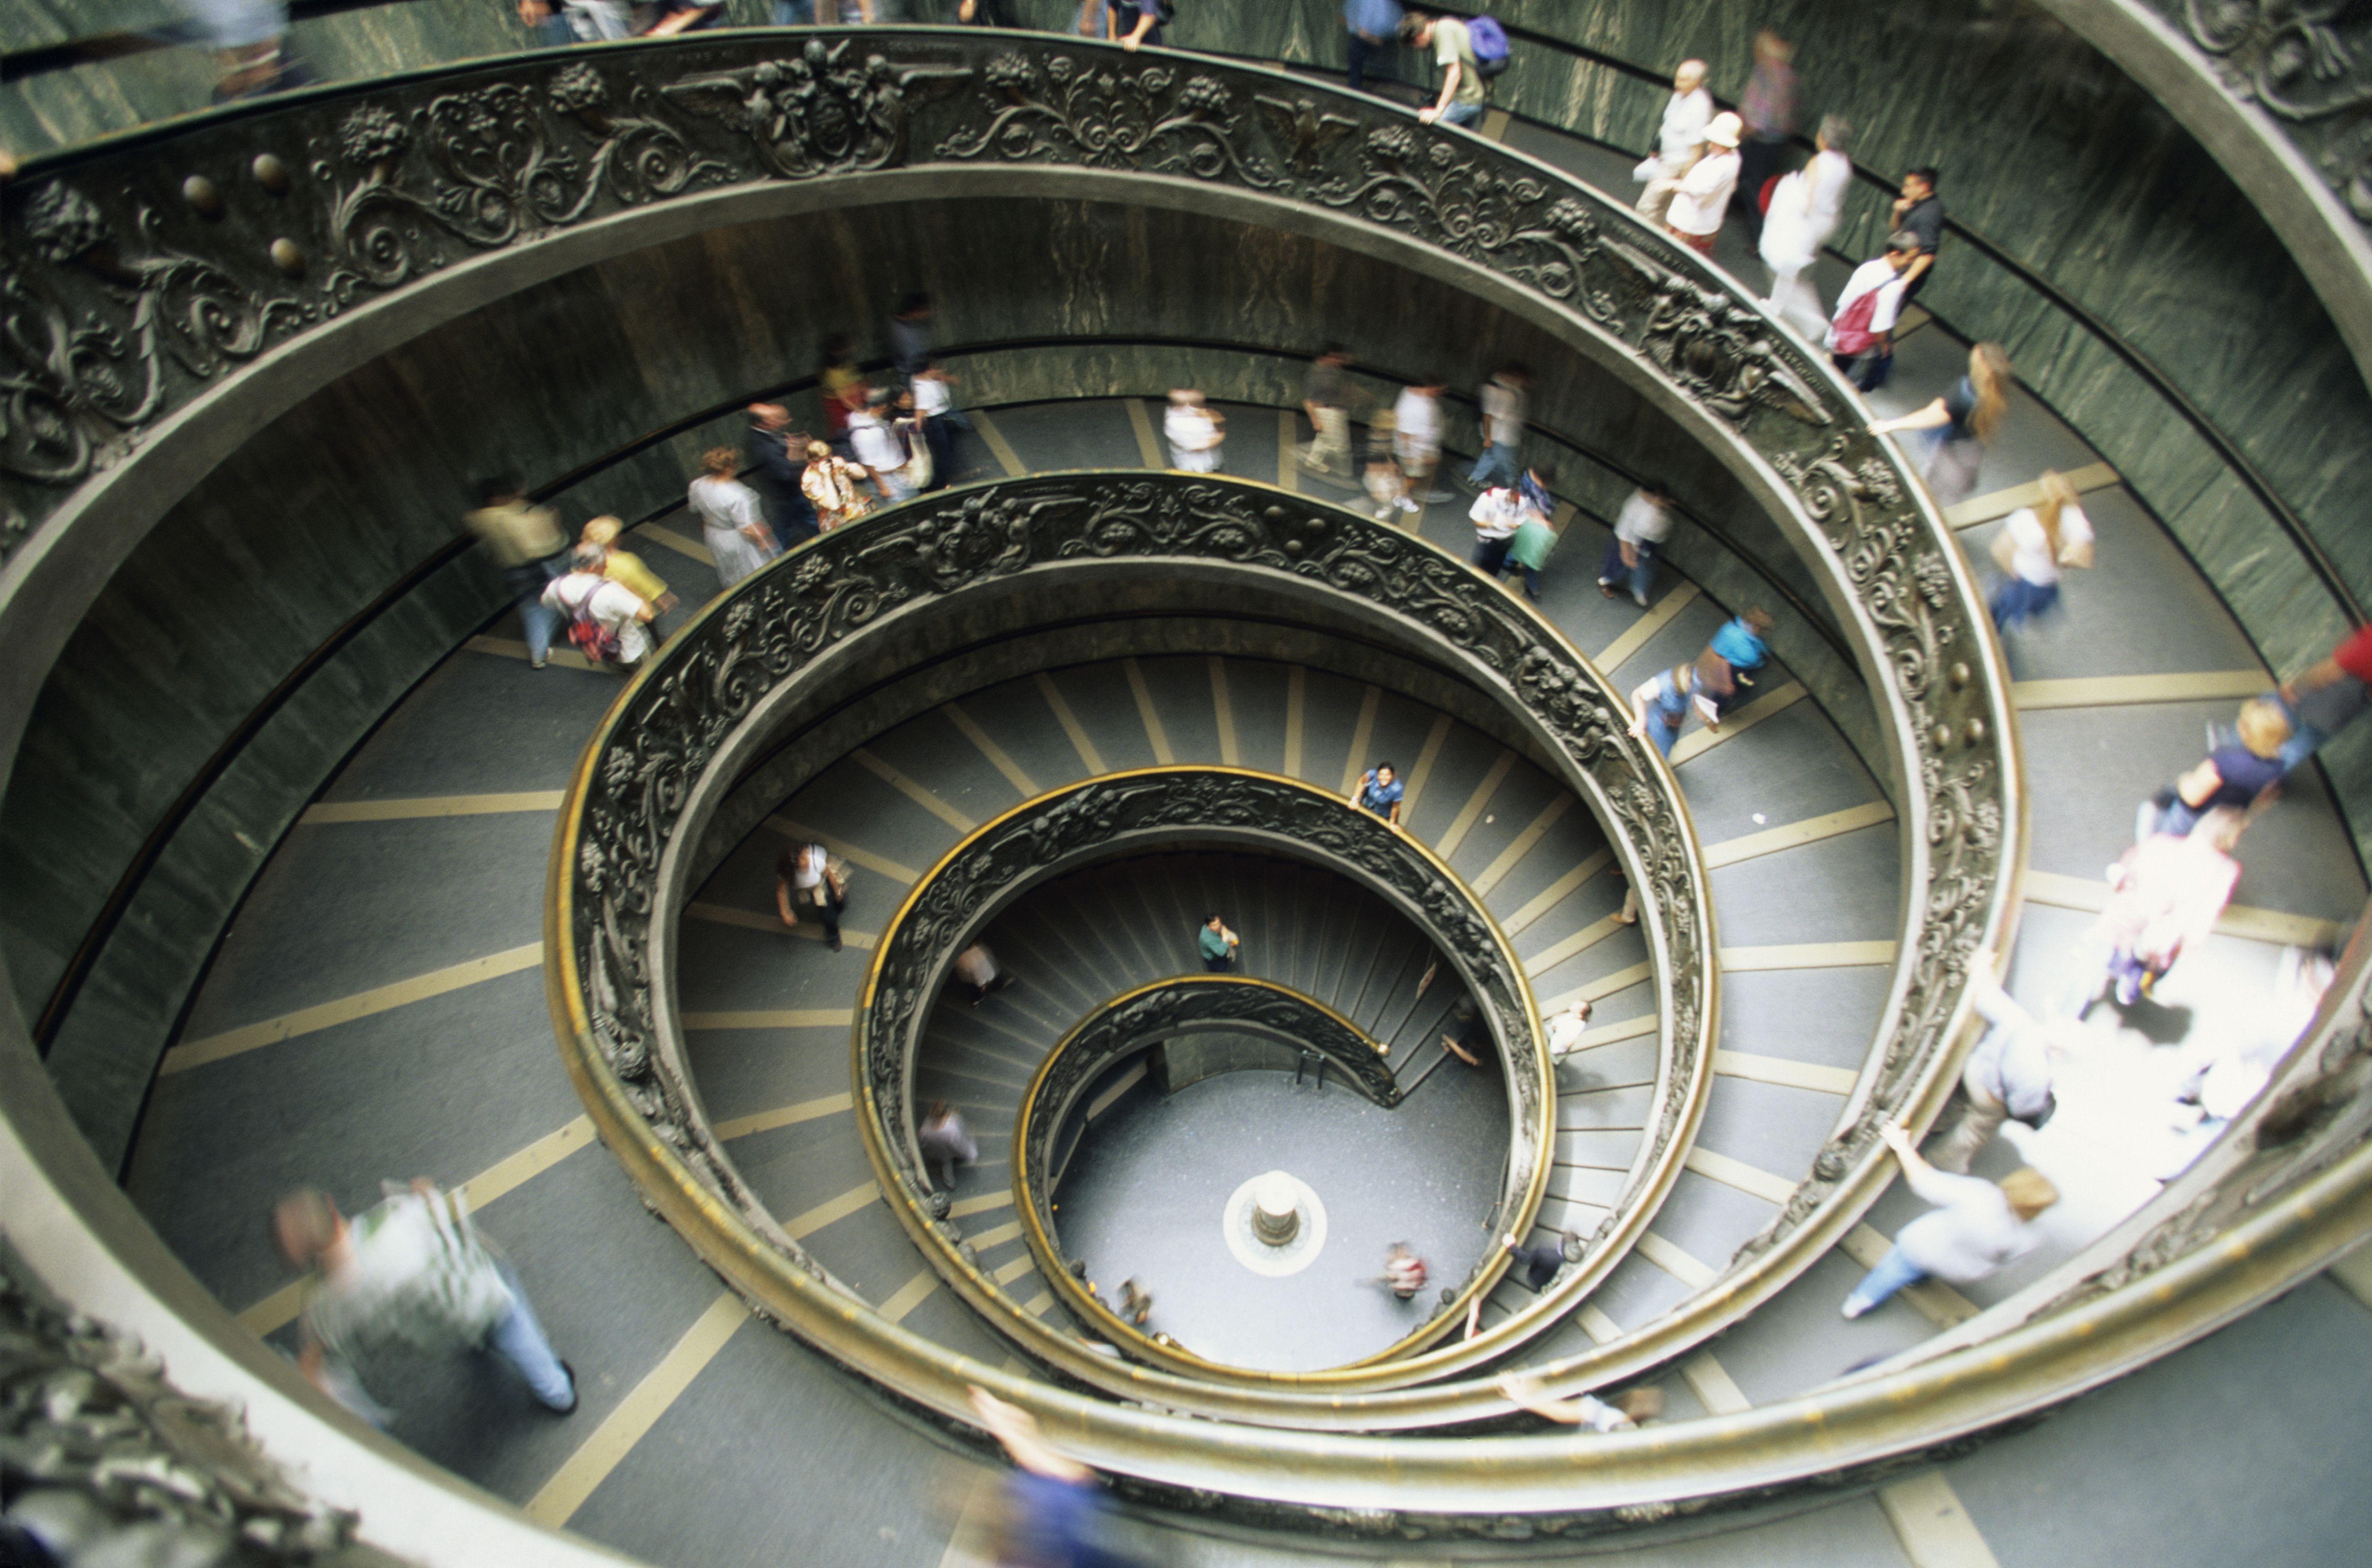 Escalera de Bramante, Museo del Vaticano, vista aérea